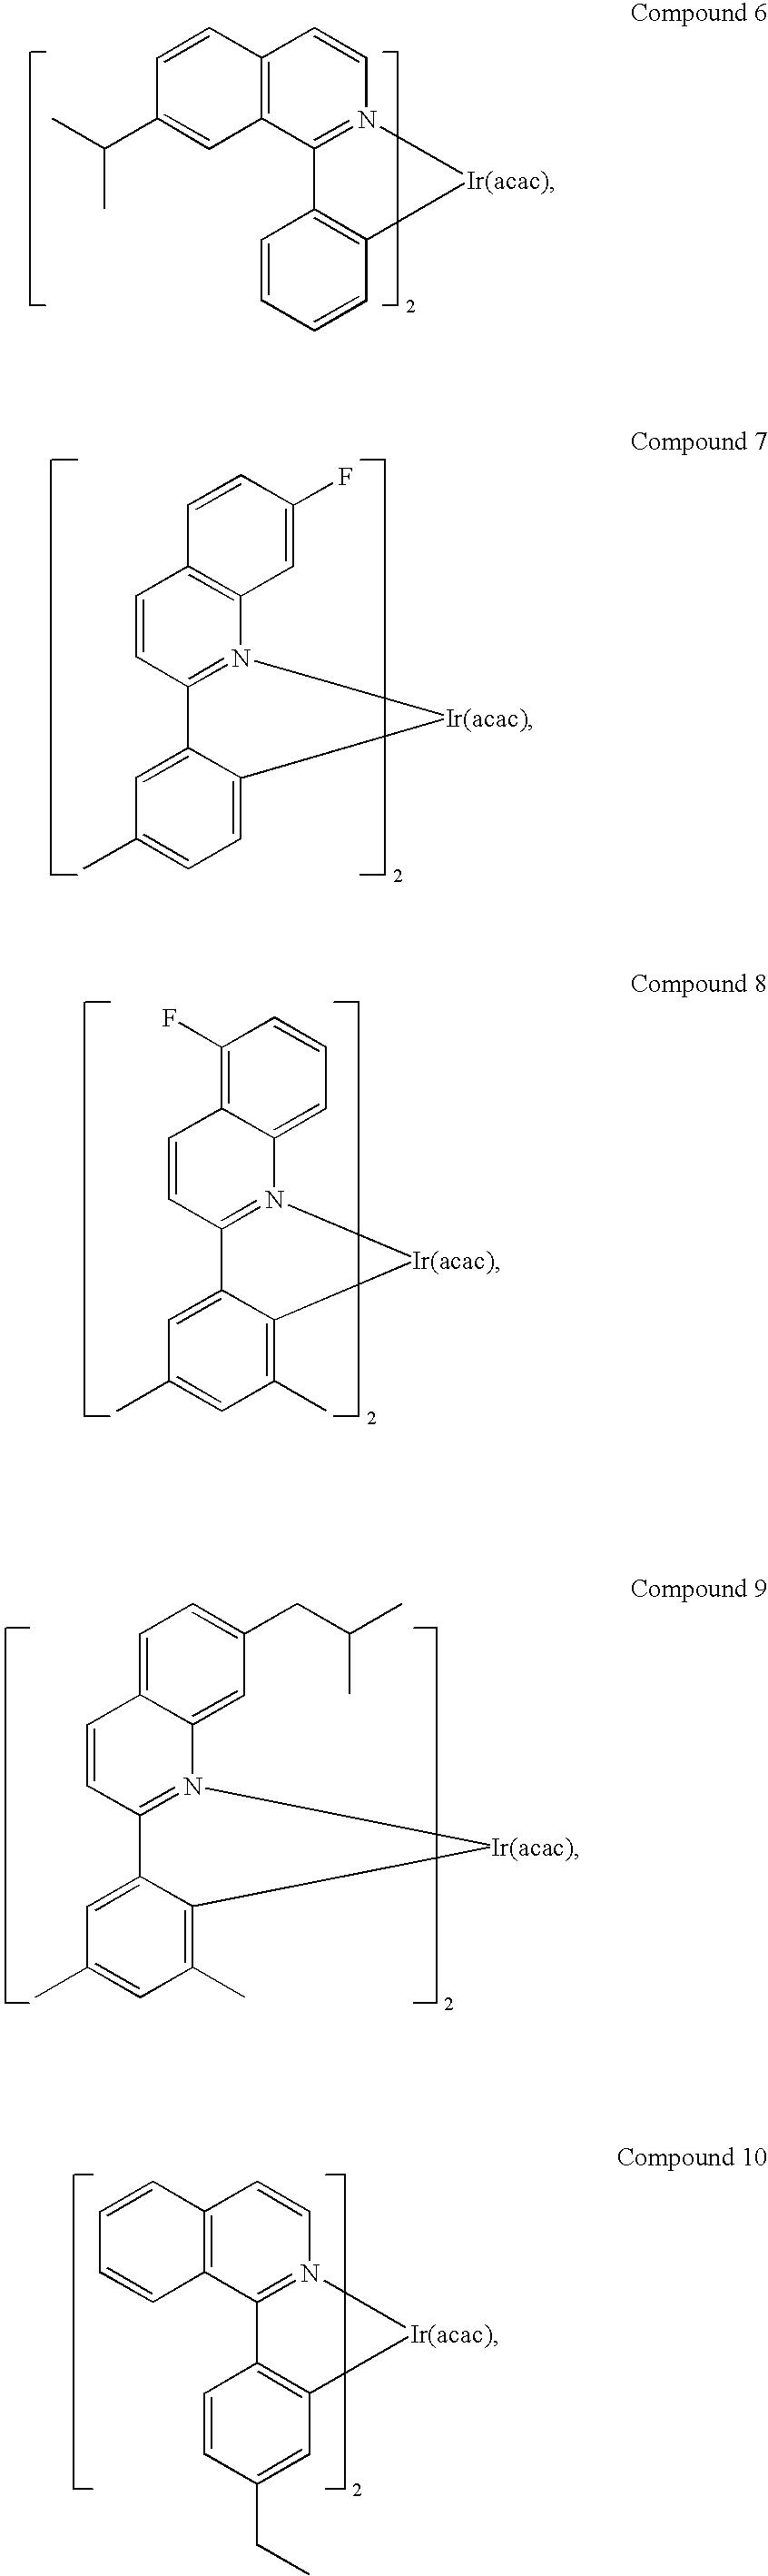 Figure US20080261076A1-20081023-C00129